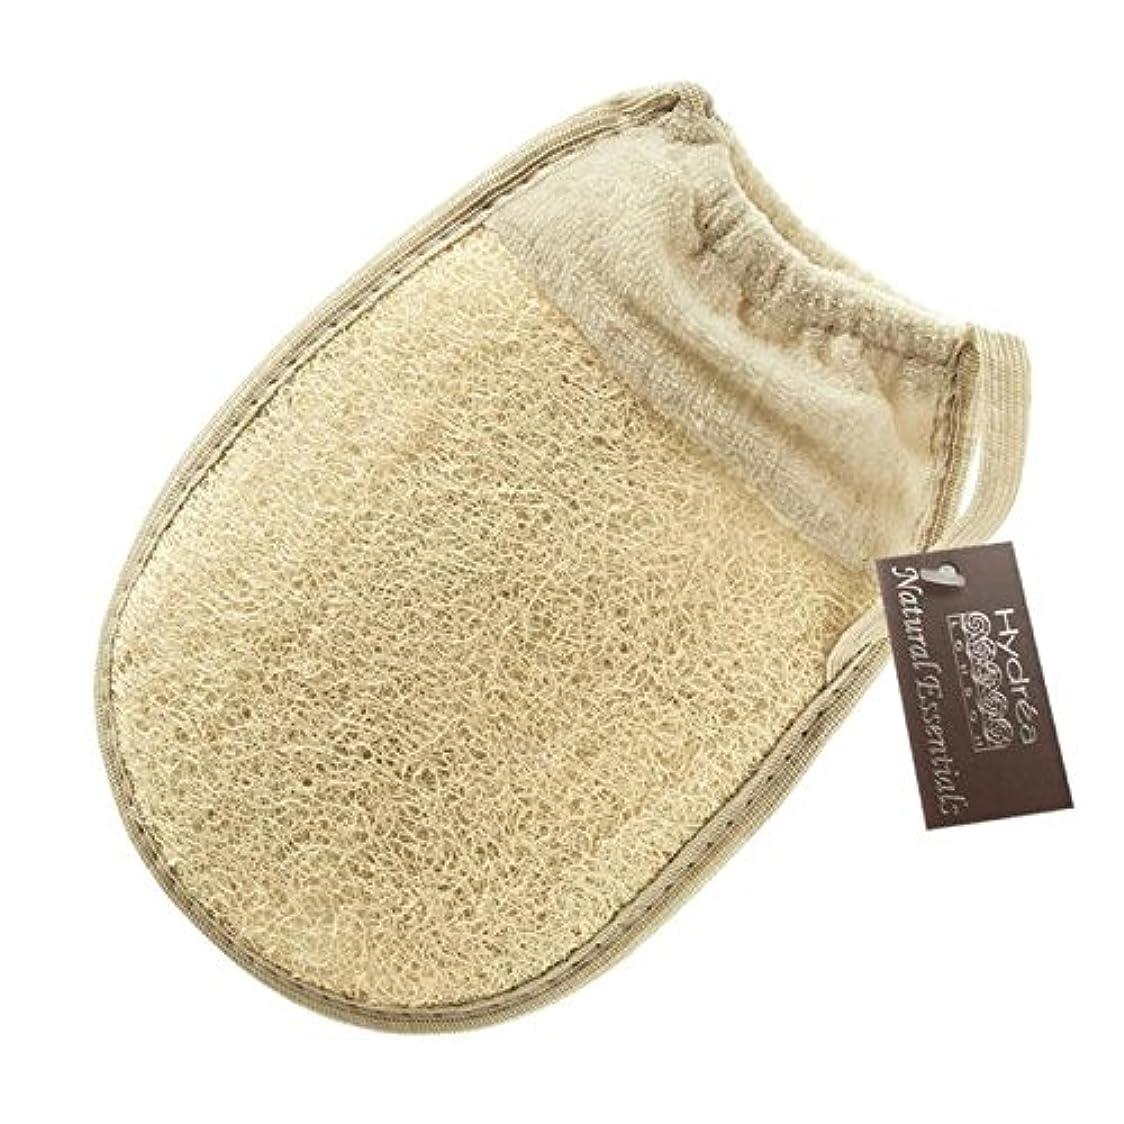 険しいスキャン敵対的Hydrea London Egyptian Loofah Glove with Elasticated Cuff - 伸縮性カフとハイドレアロンドンエジプトのヘチマグローブ [並行輸入品]